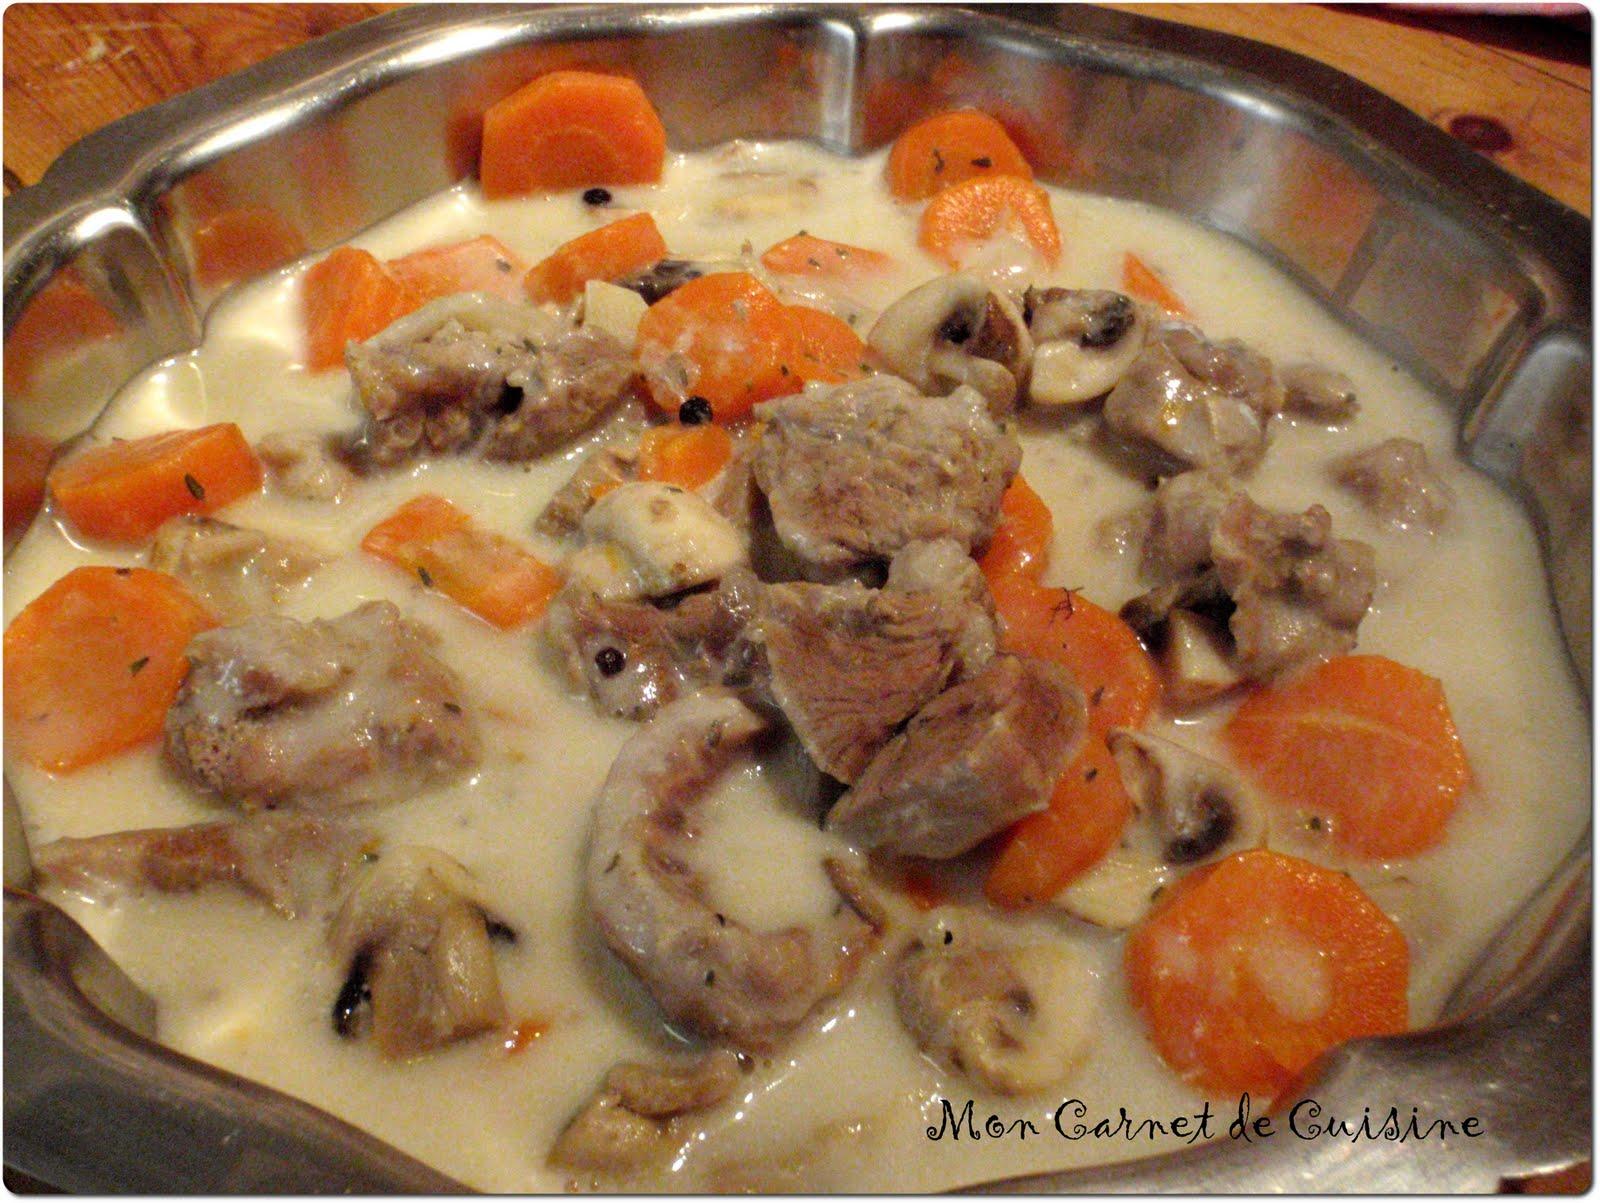 Mon carnet de cuisine blanquette de veau - Cuisine blanquette de veau ...